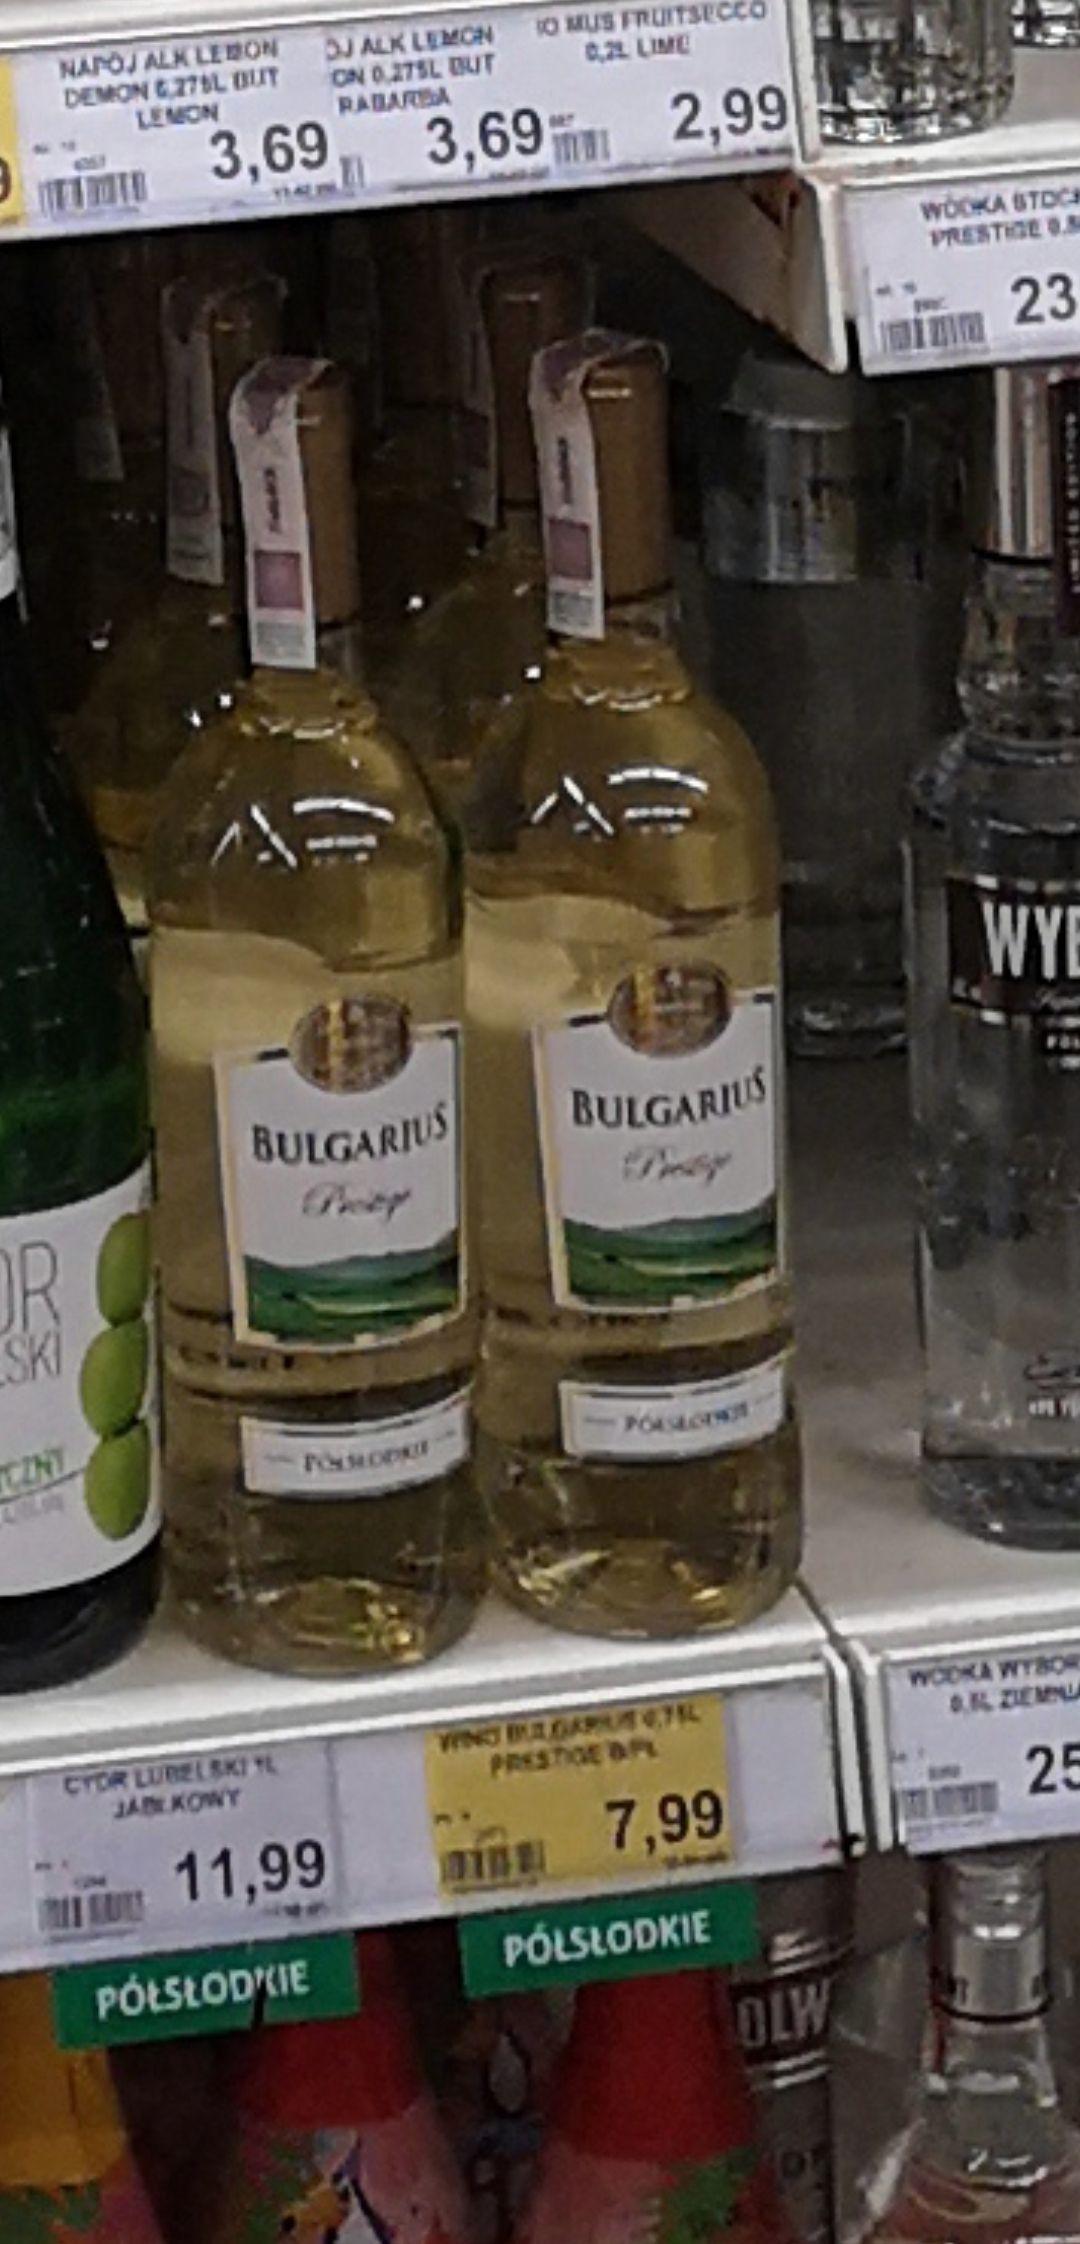 Wino bulgarius 0.75L Różne smaki bardzo dobre @ Lewiatan